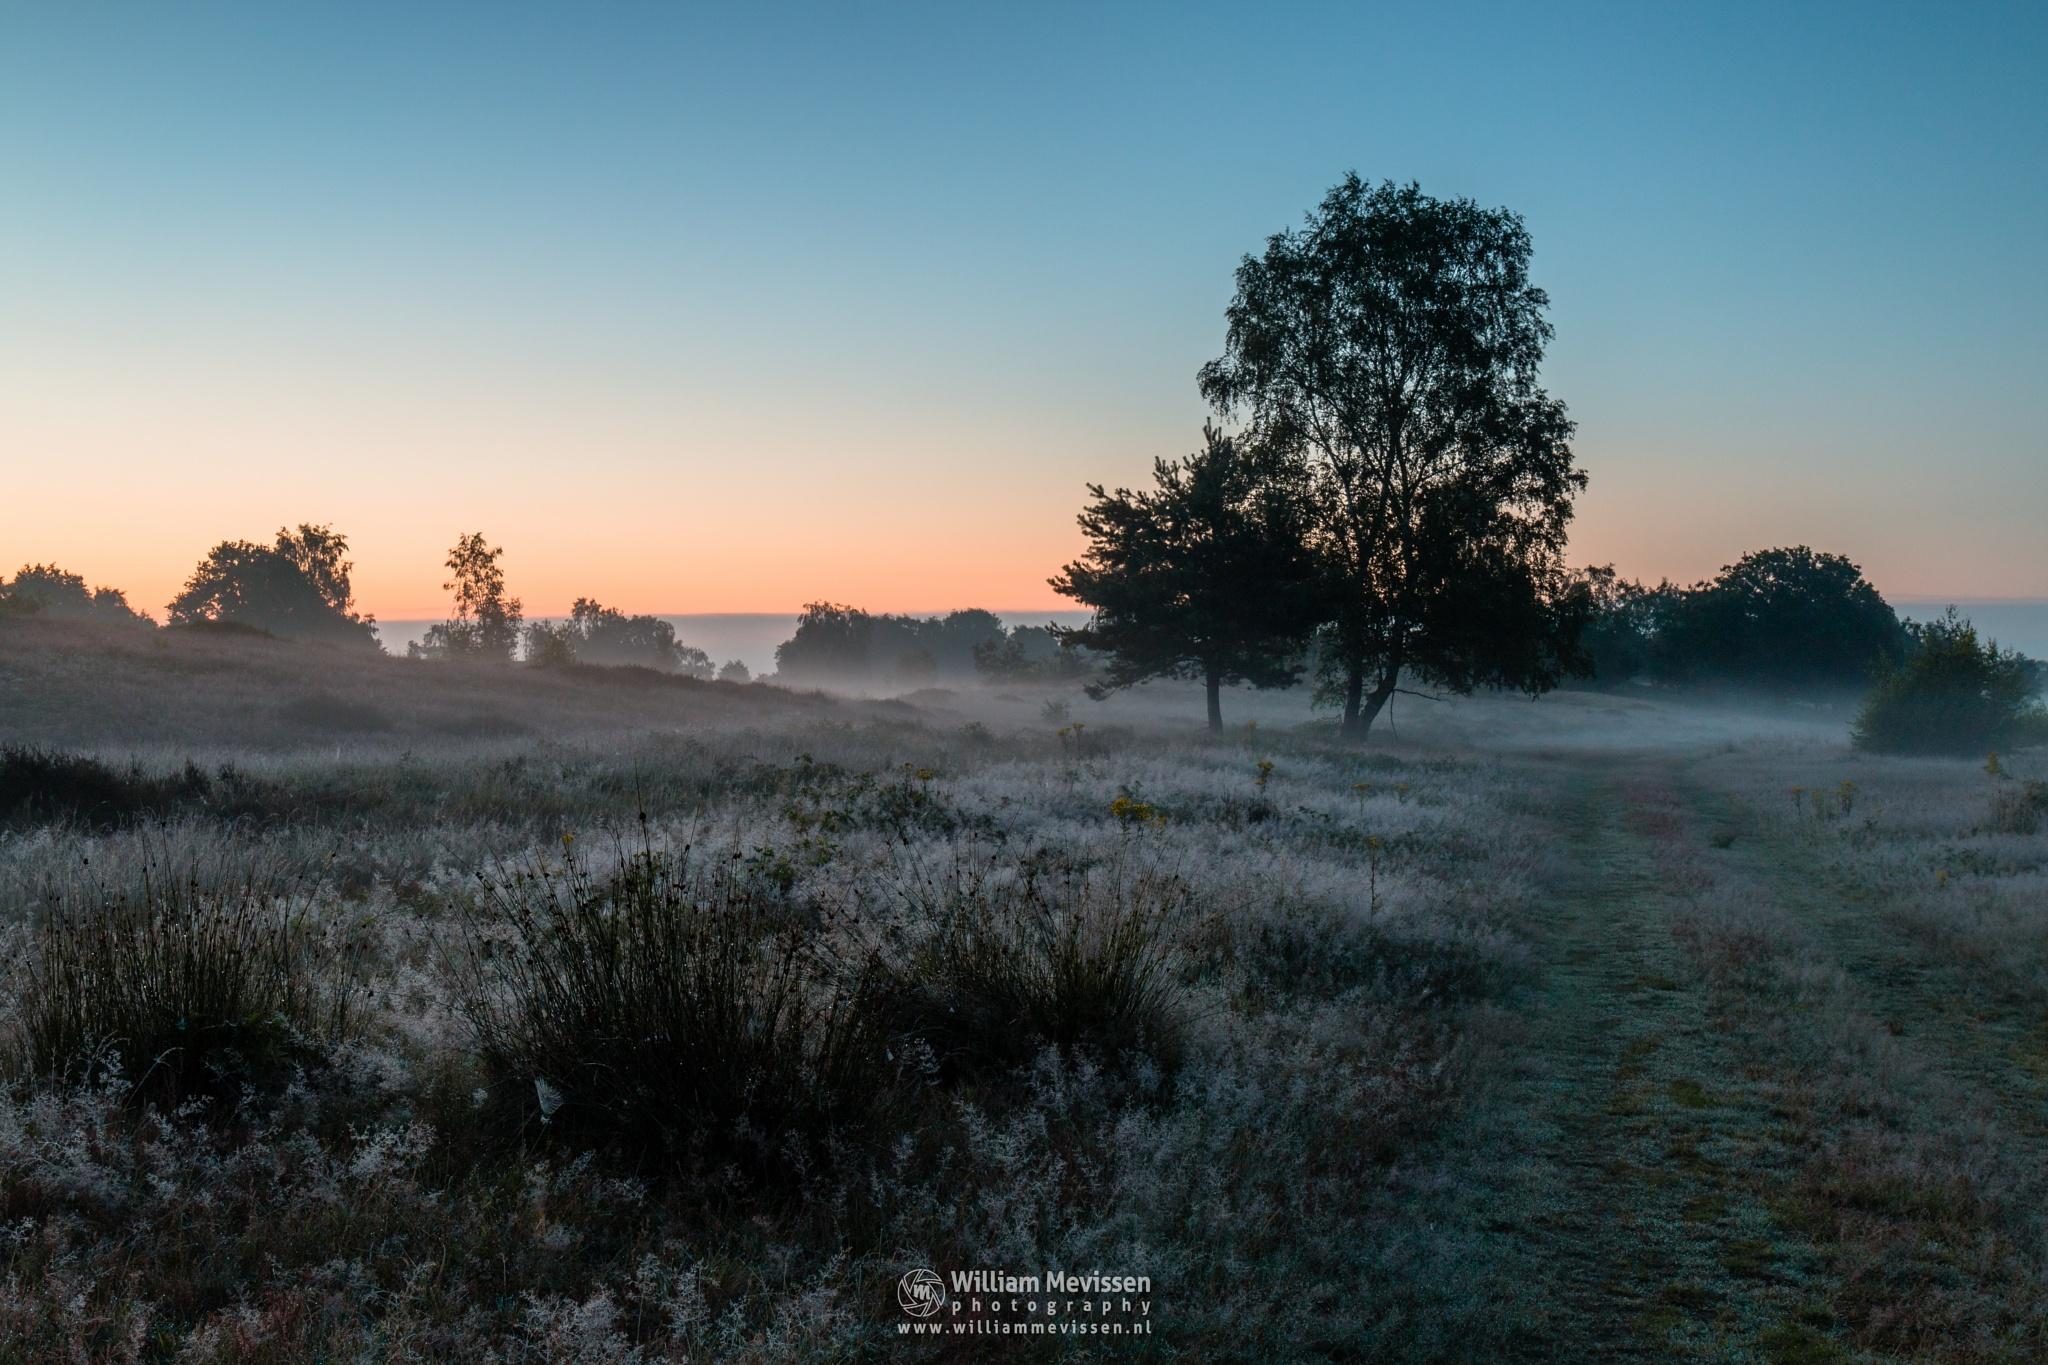 Misty Twilight Bergerheide by William Mevissen